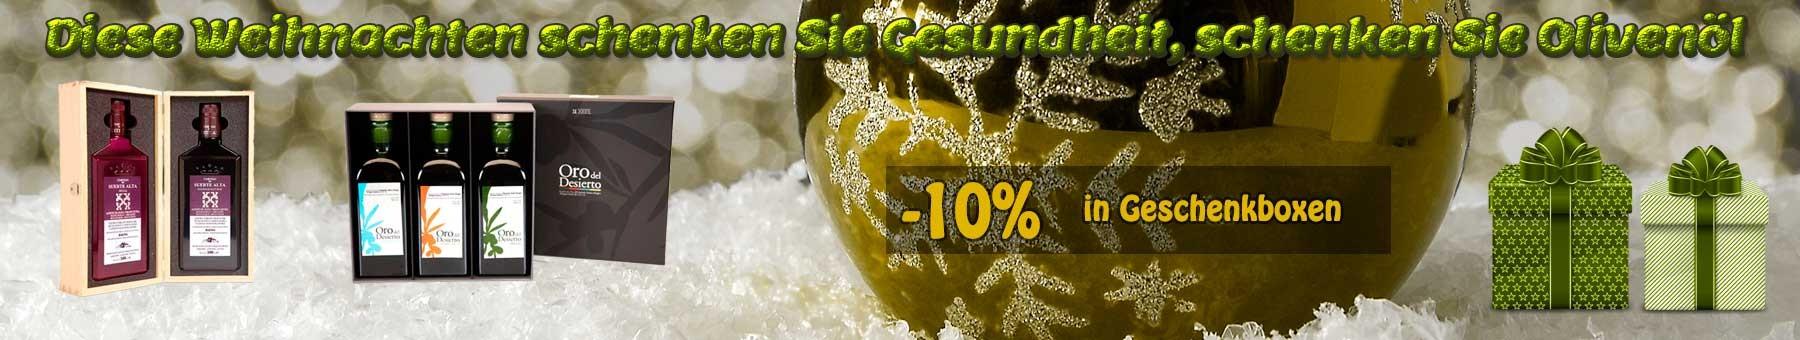 Olivenöl Geschenkboxen weihnachtlich